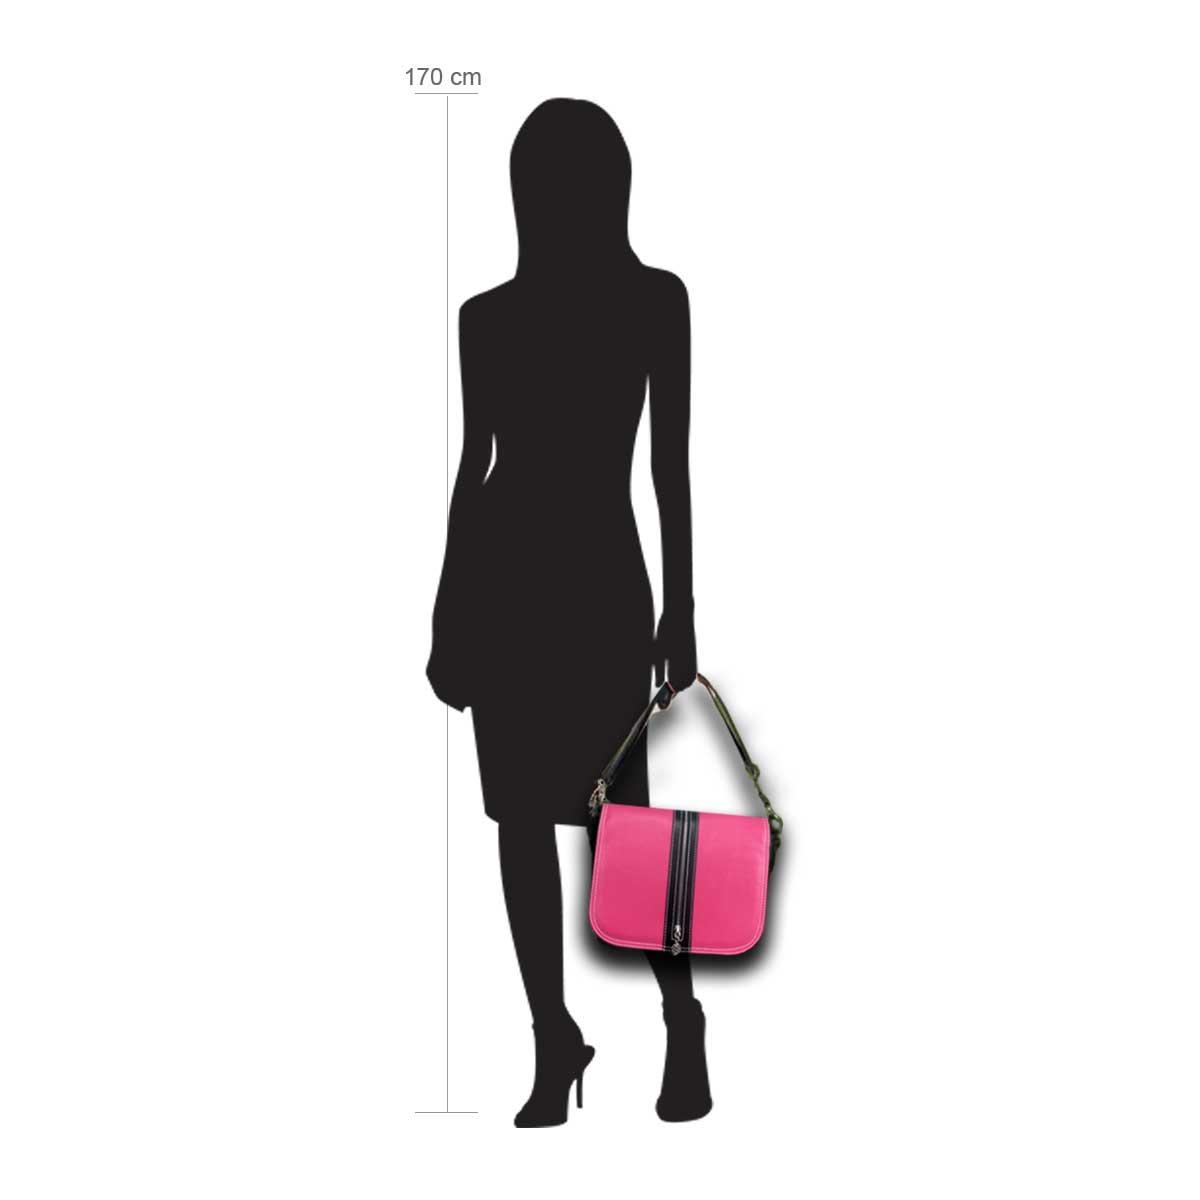 Modellpuppe 170 cm groß zeigt die Handtaschengröße an der Person Modell:Pink Lady